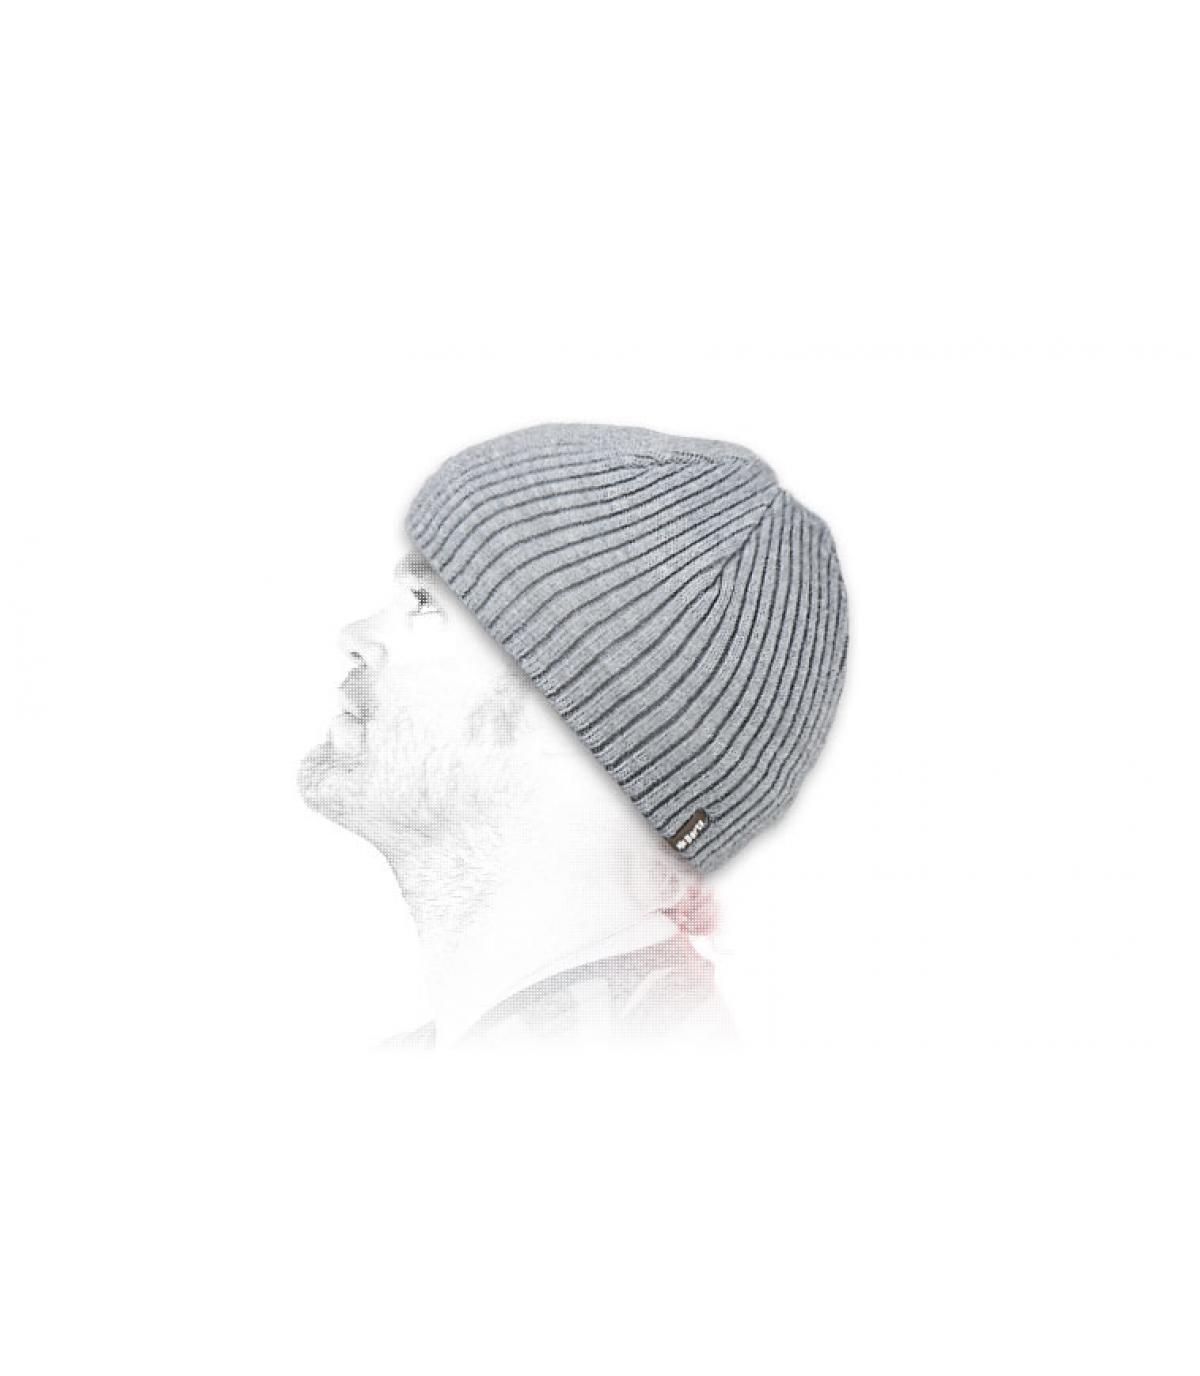 Détails Bonnet Wilbert heather grey - image 3